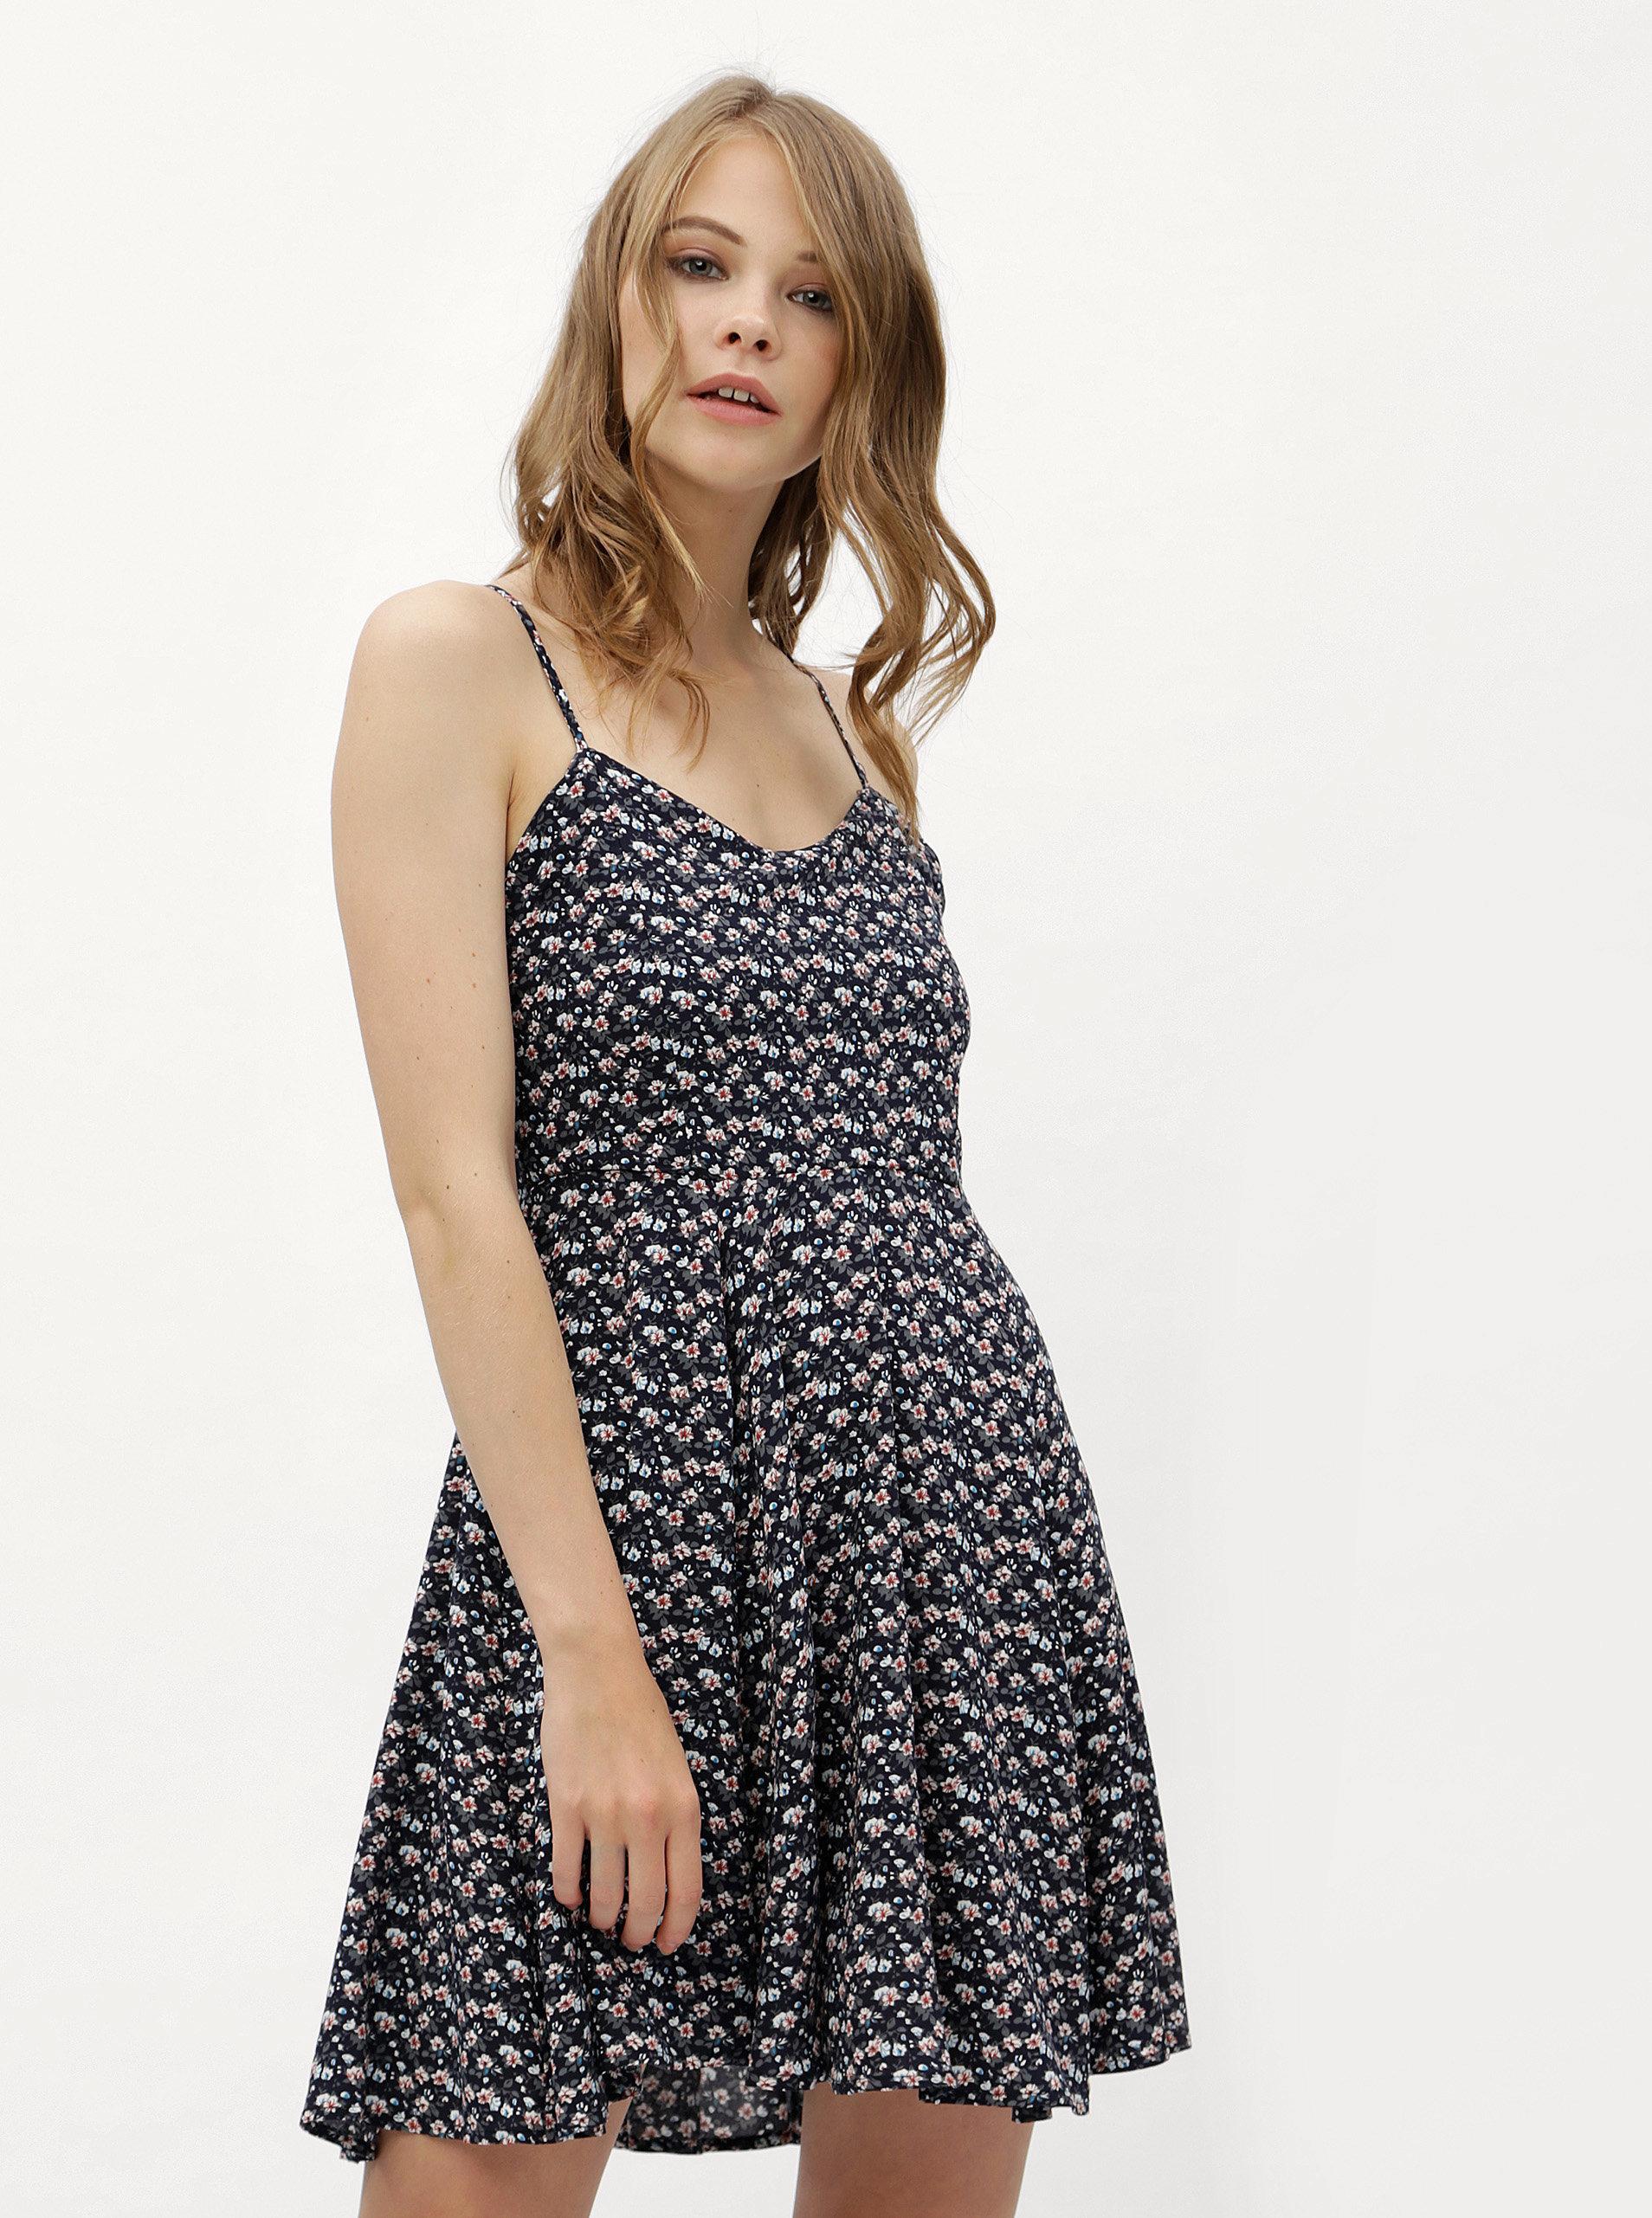 Tmavomodré kvetované šaty s viazaním na chrbte Haily´s Victoria ... 84d8412bb5c